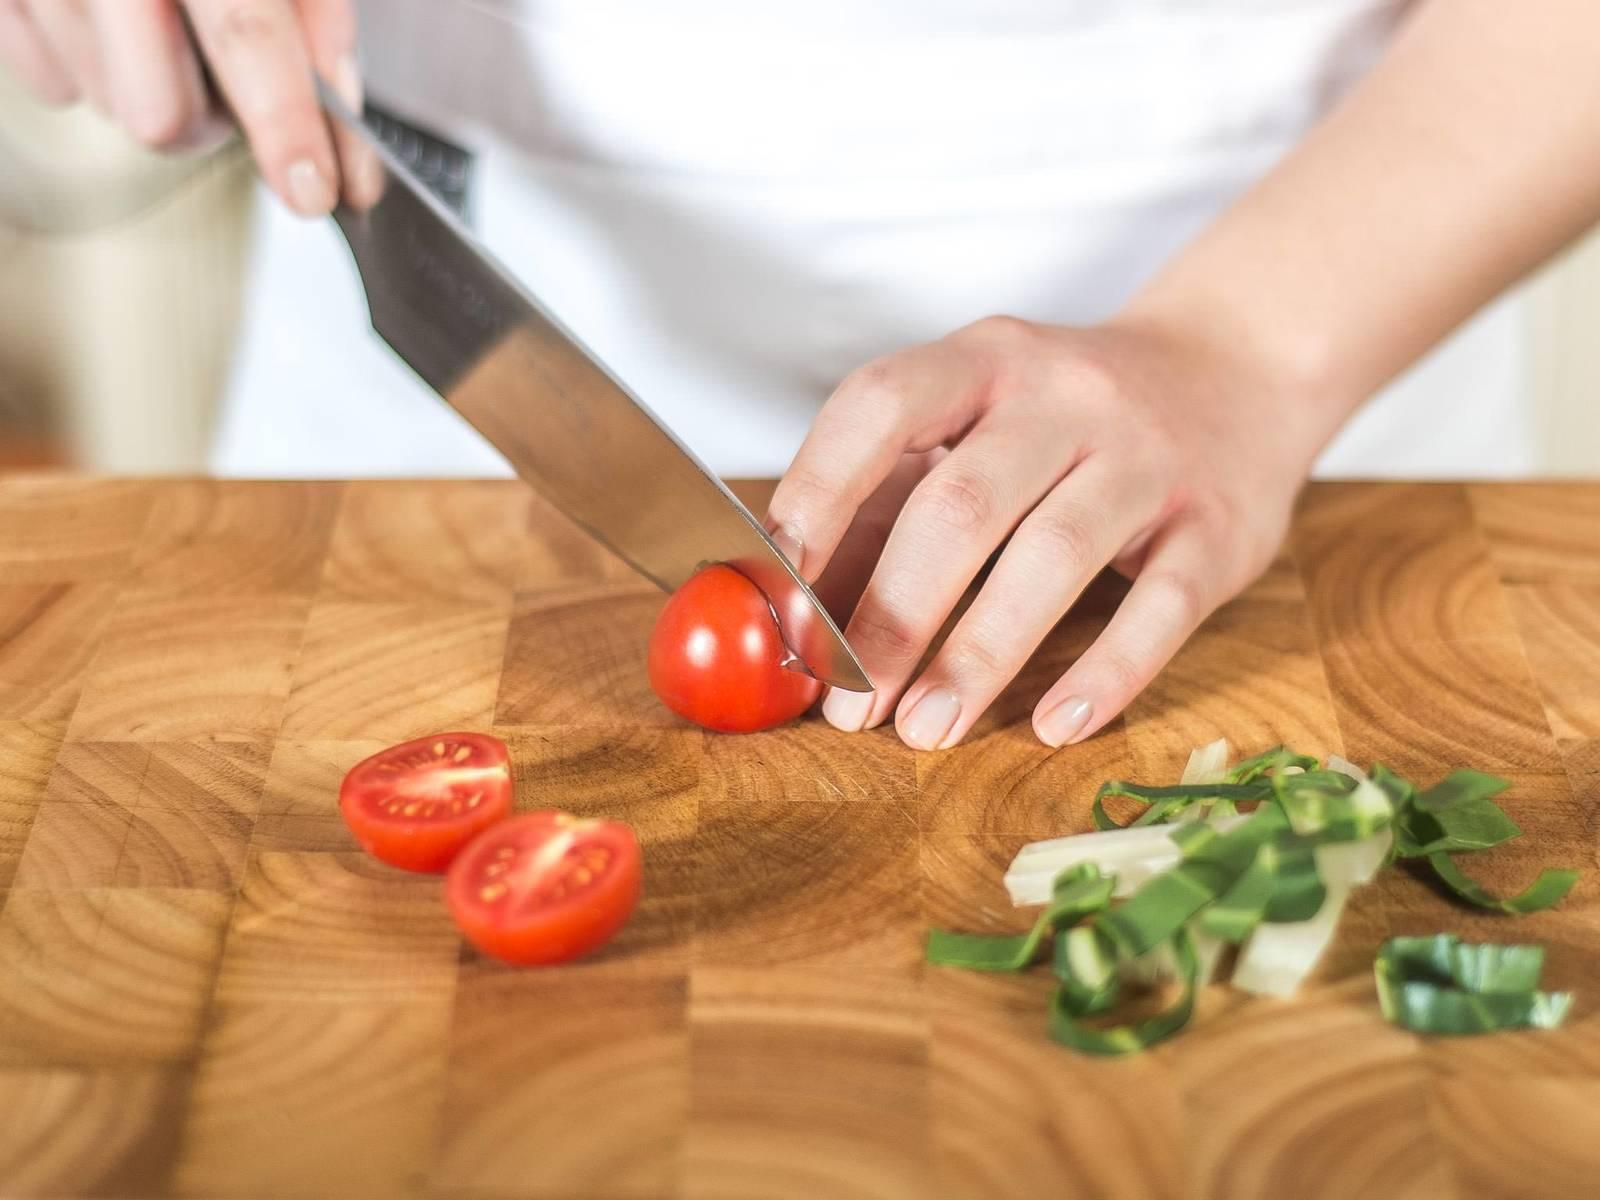 这期间将厚皮菜切丝,樱桃番茄切半。